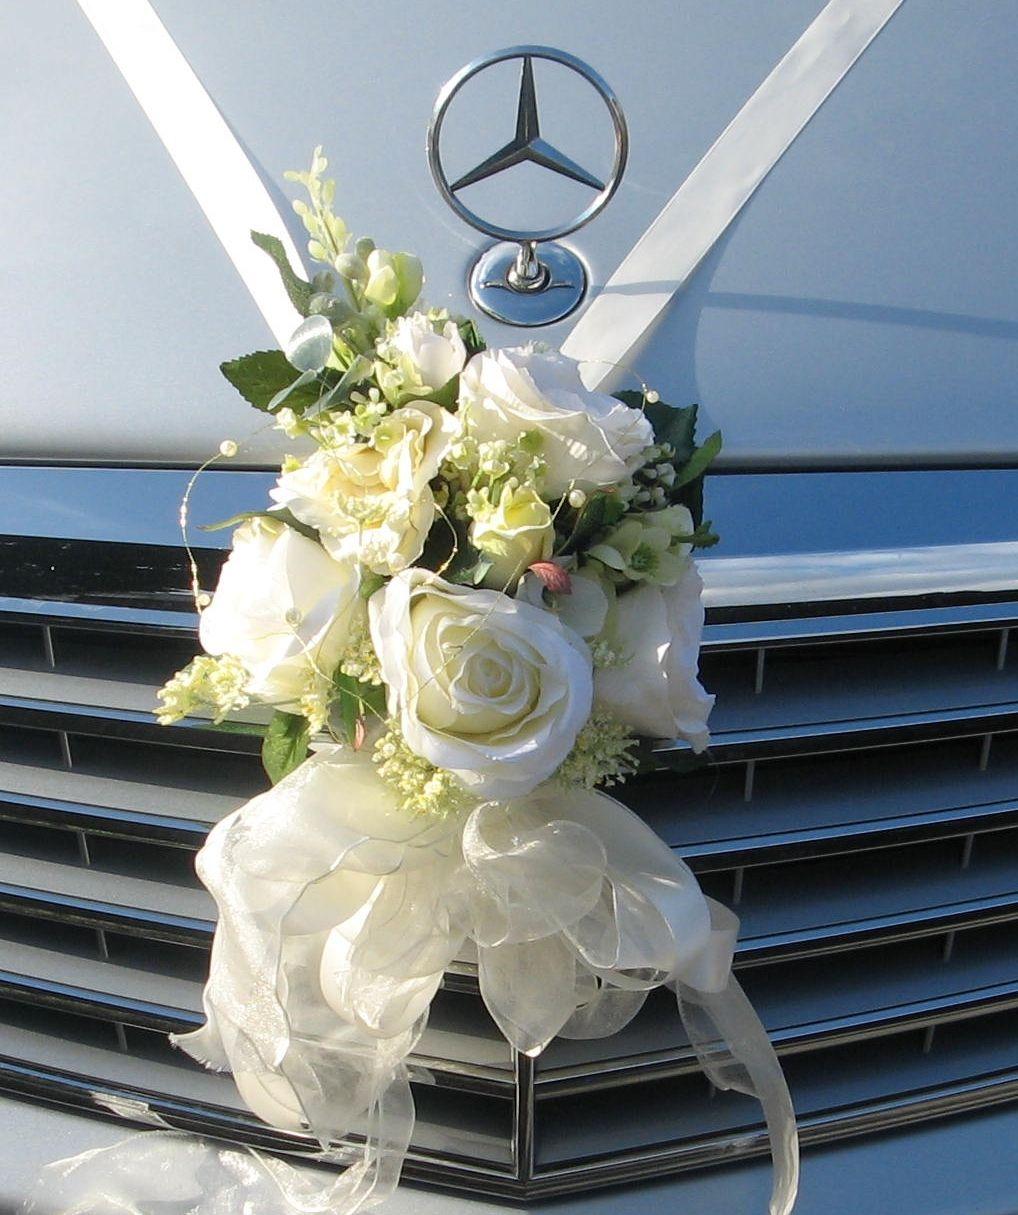 Bonnet Decoration Wedding Car Wedding Car Decorations Wedding